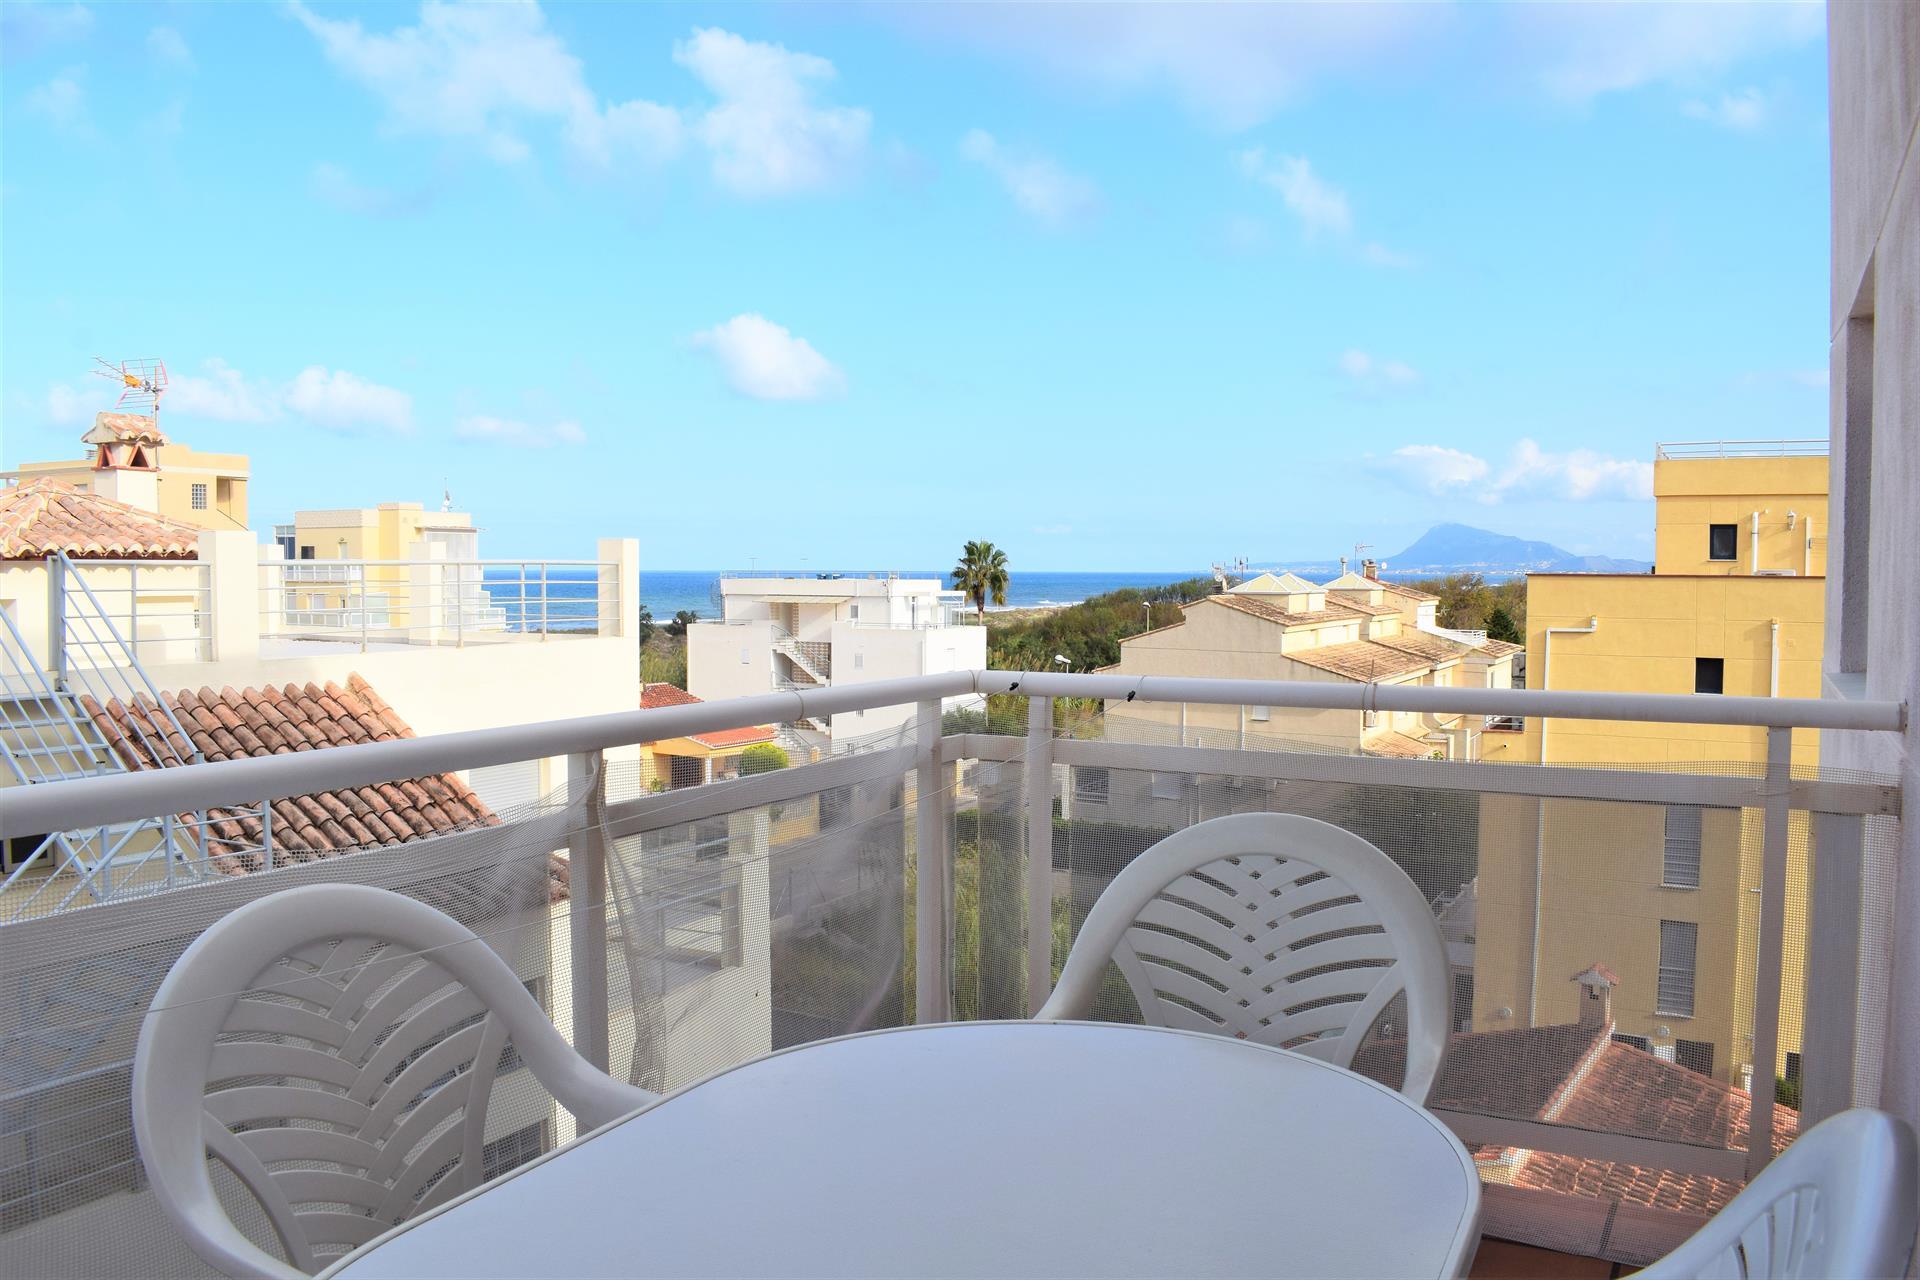 AP348 Sector 5 illa de Gerba,Bel appartement confortable  avec piscine communale à Oliva, sur la Costa Blanca, Espagne pour 4 personnes.....